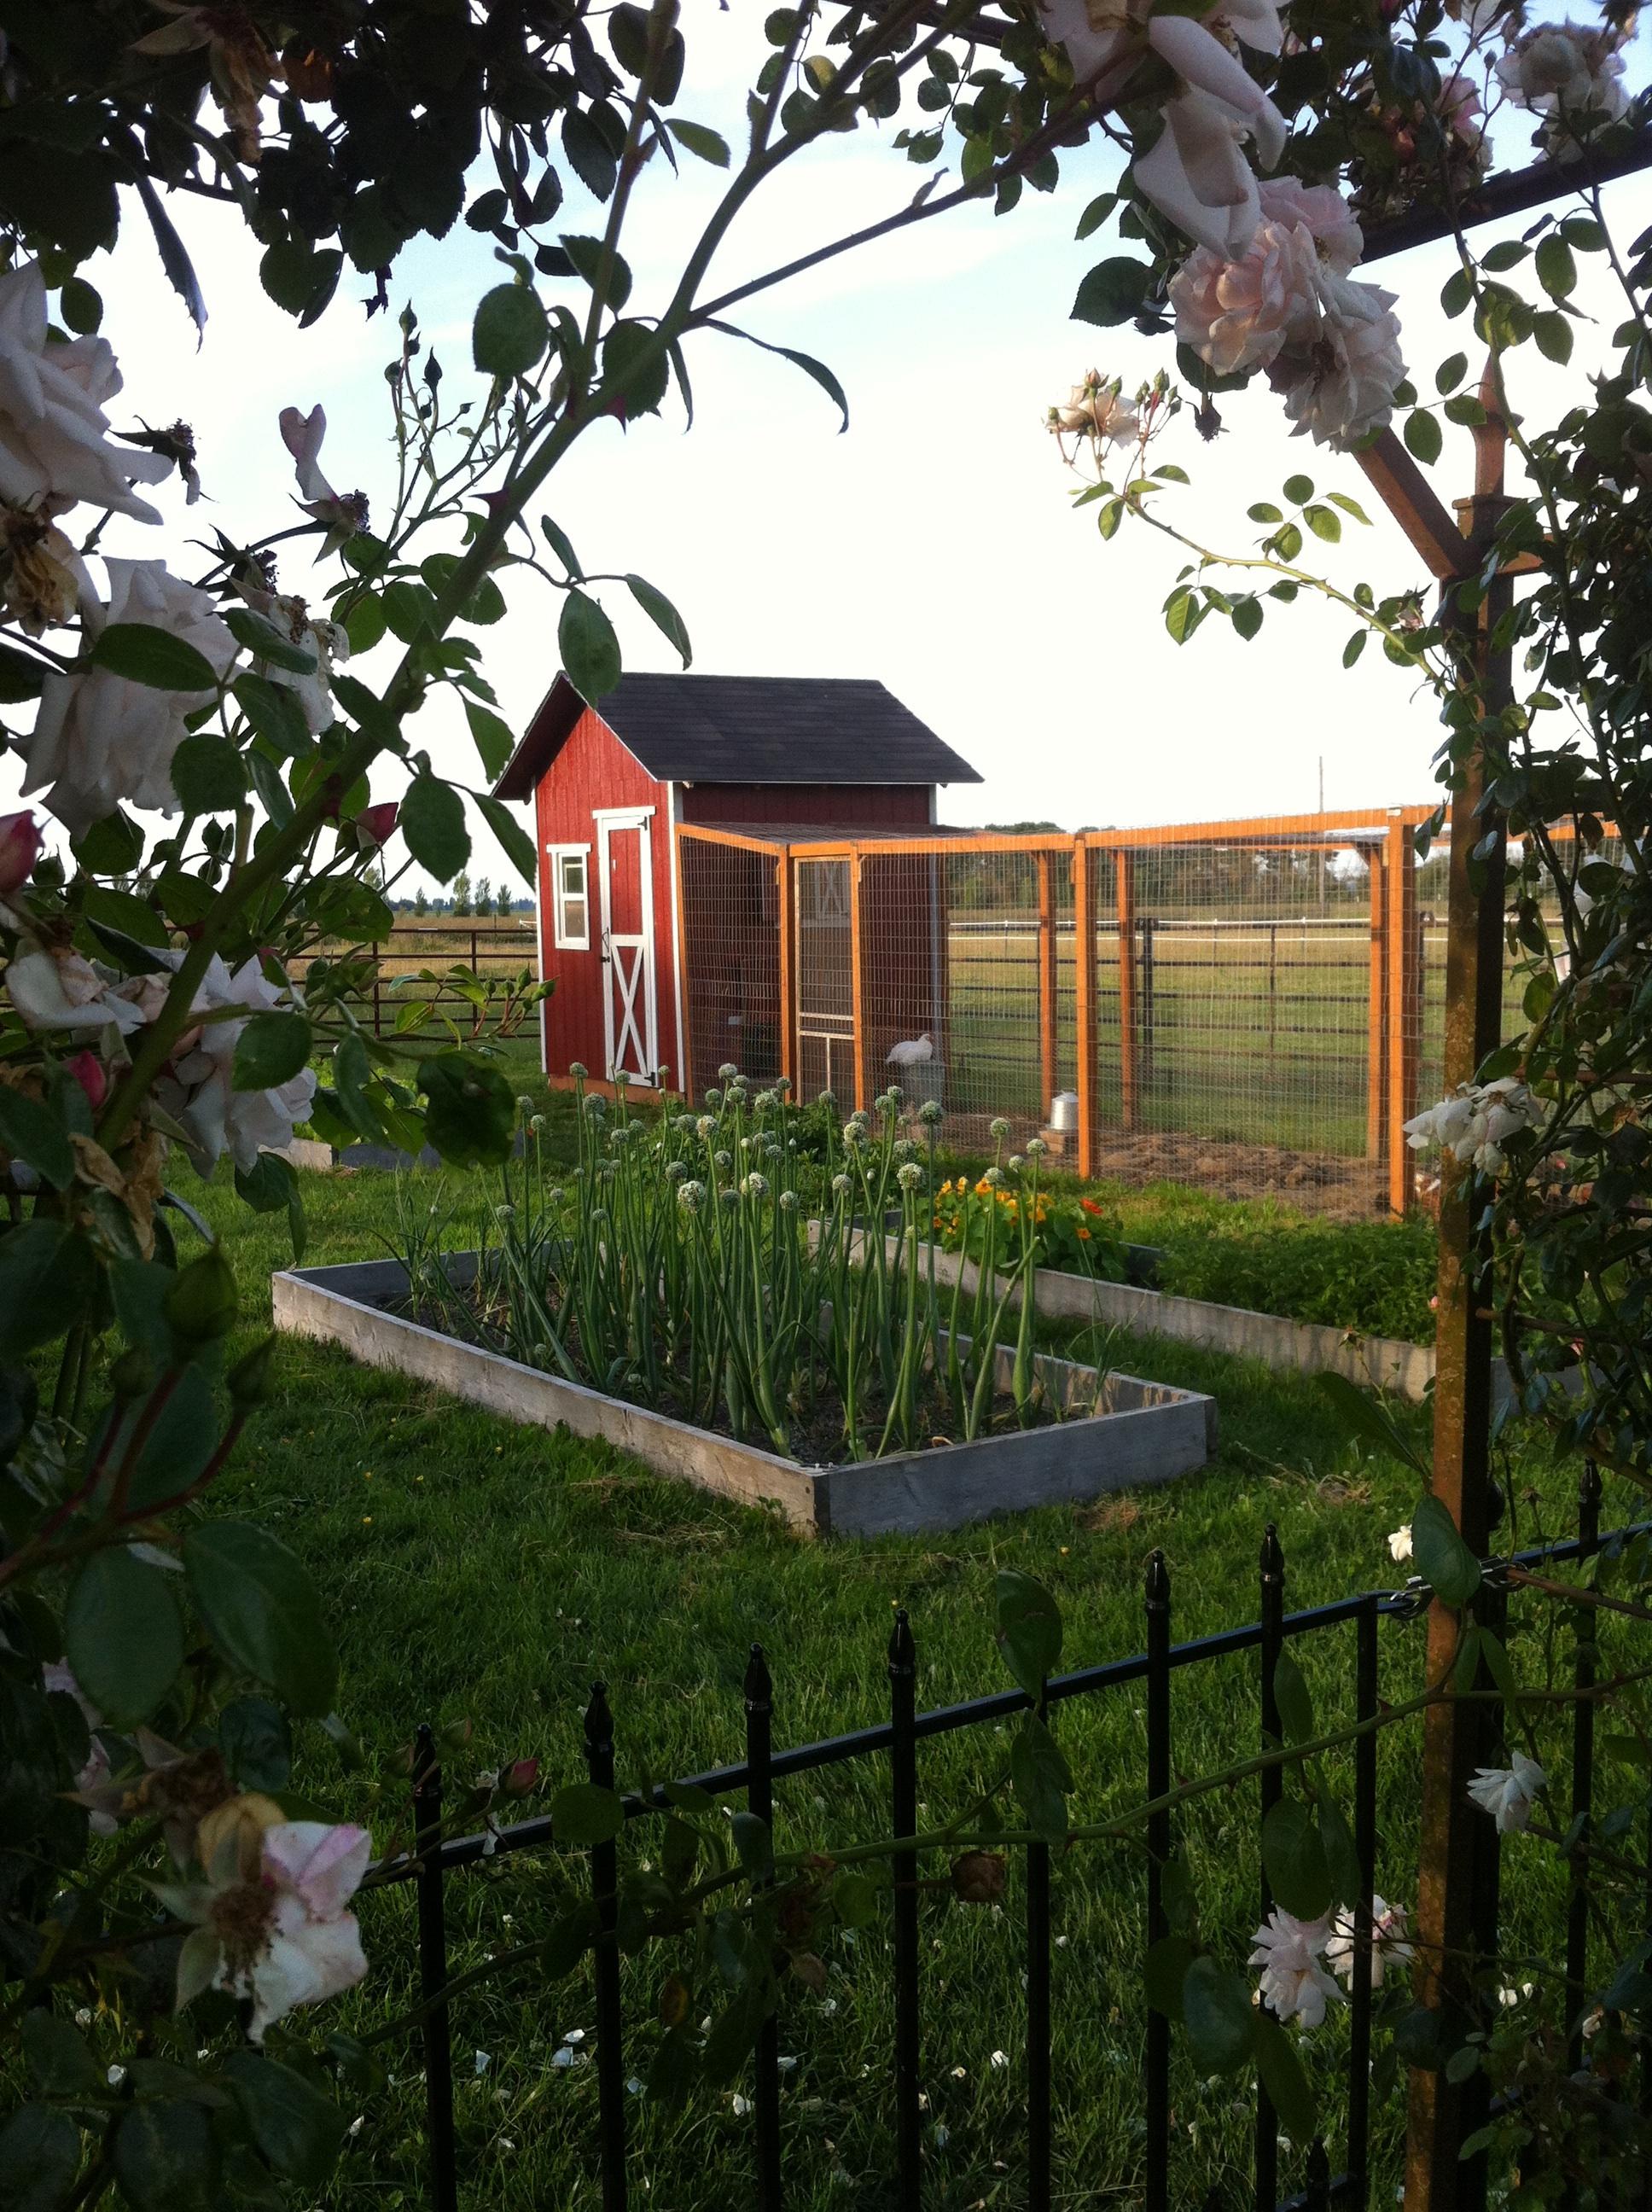 Vegetable Garden and Chicken Coop